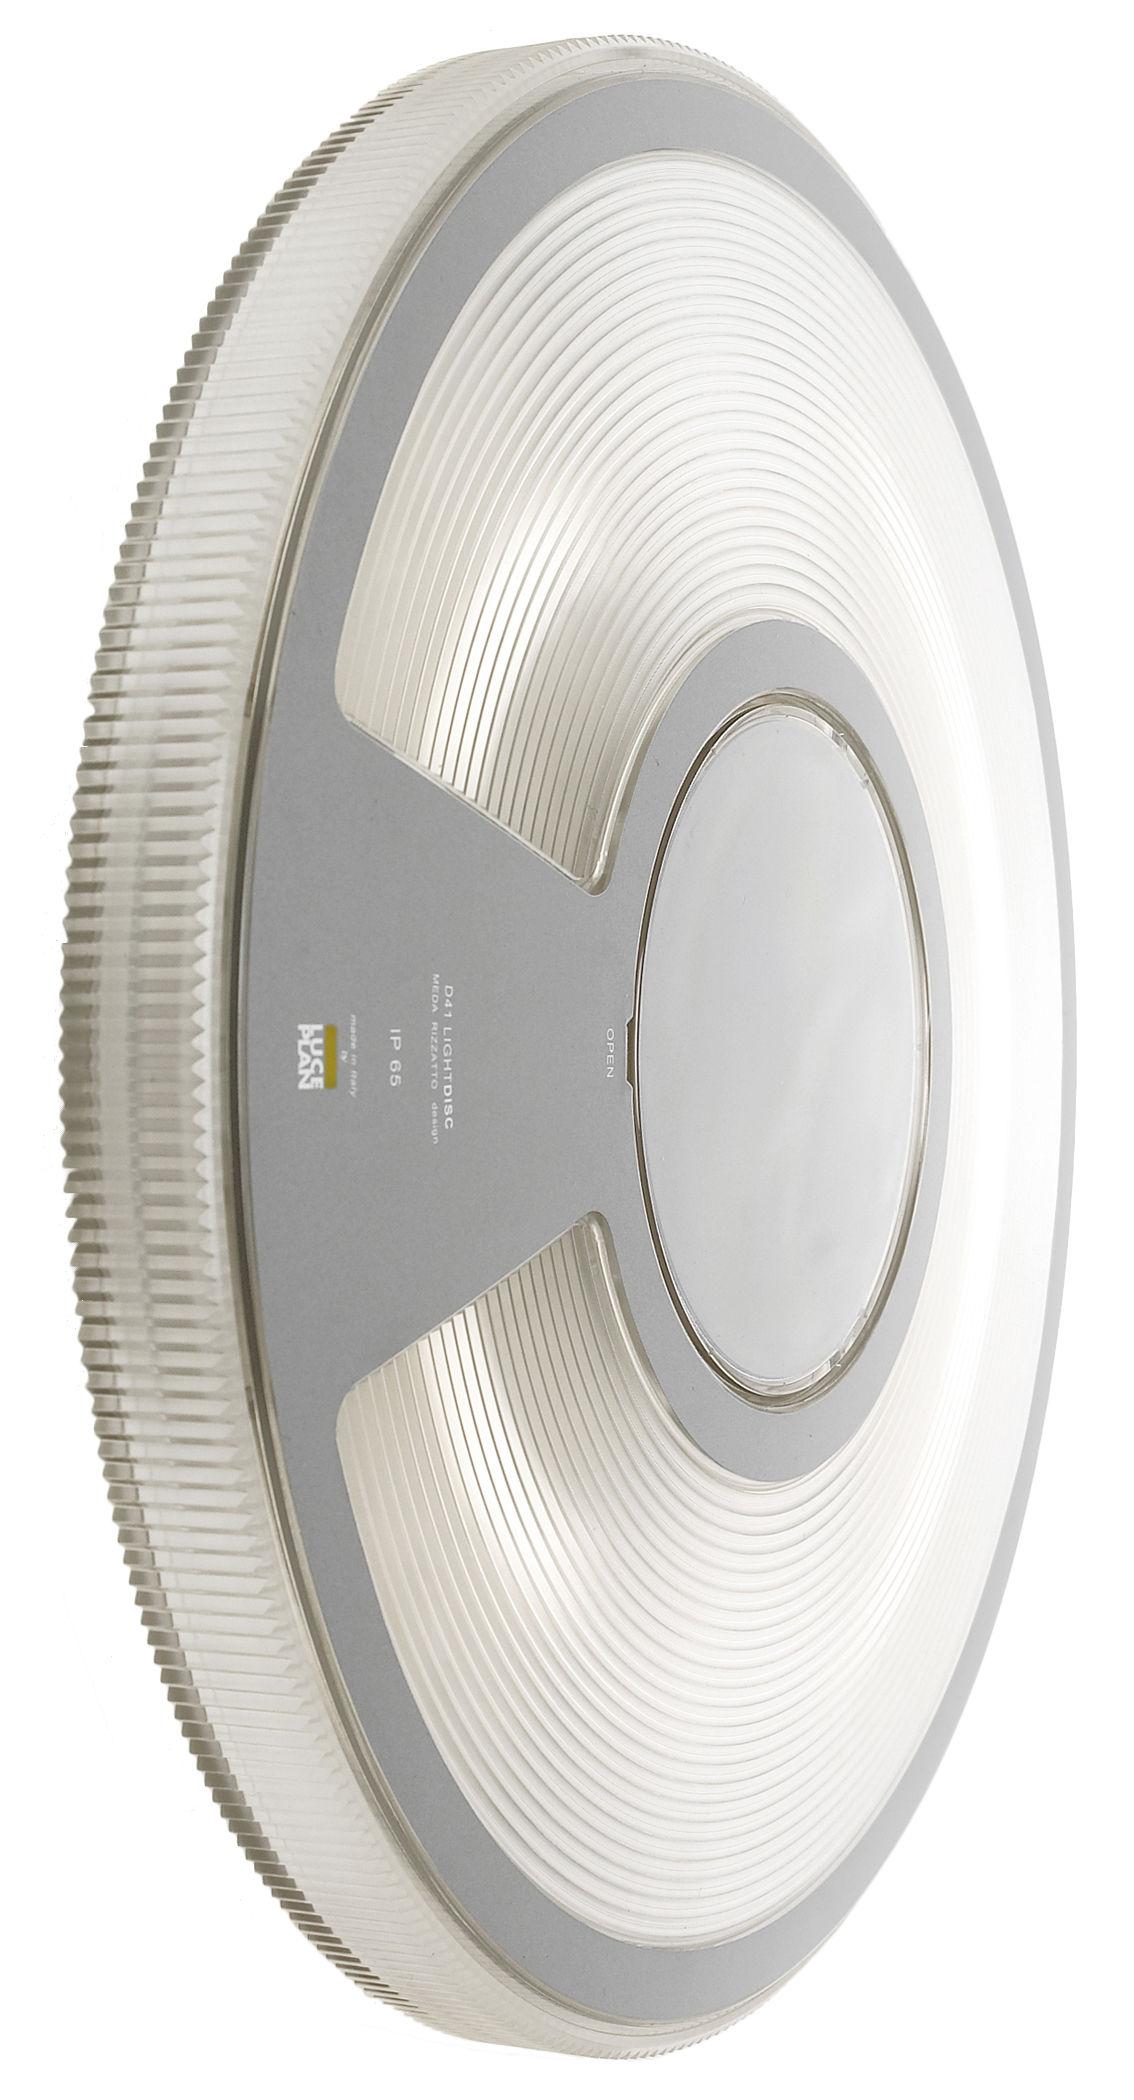 Luminaire - Appliques - Applique Lightdisc / Plafonnier - Ø 32 cm - Luceplan - Transparent - Polycarbonate